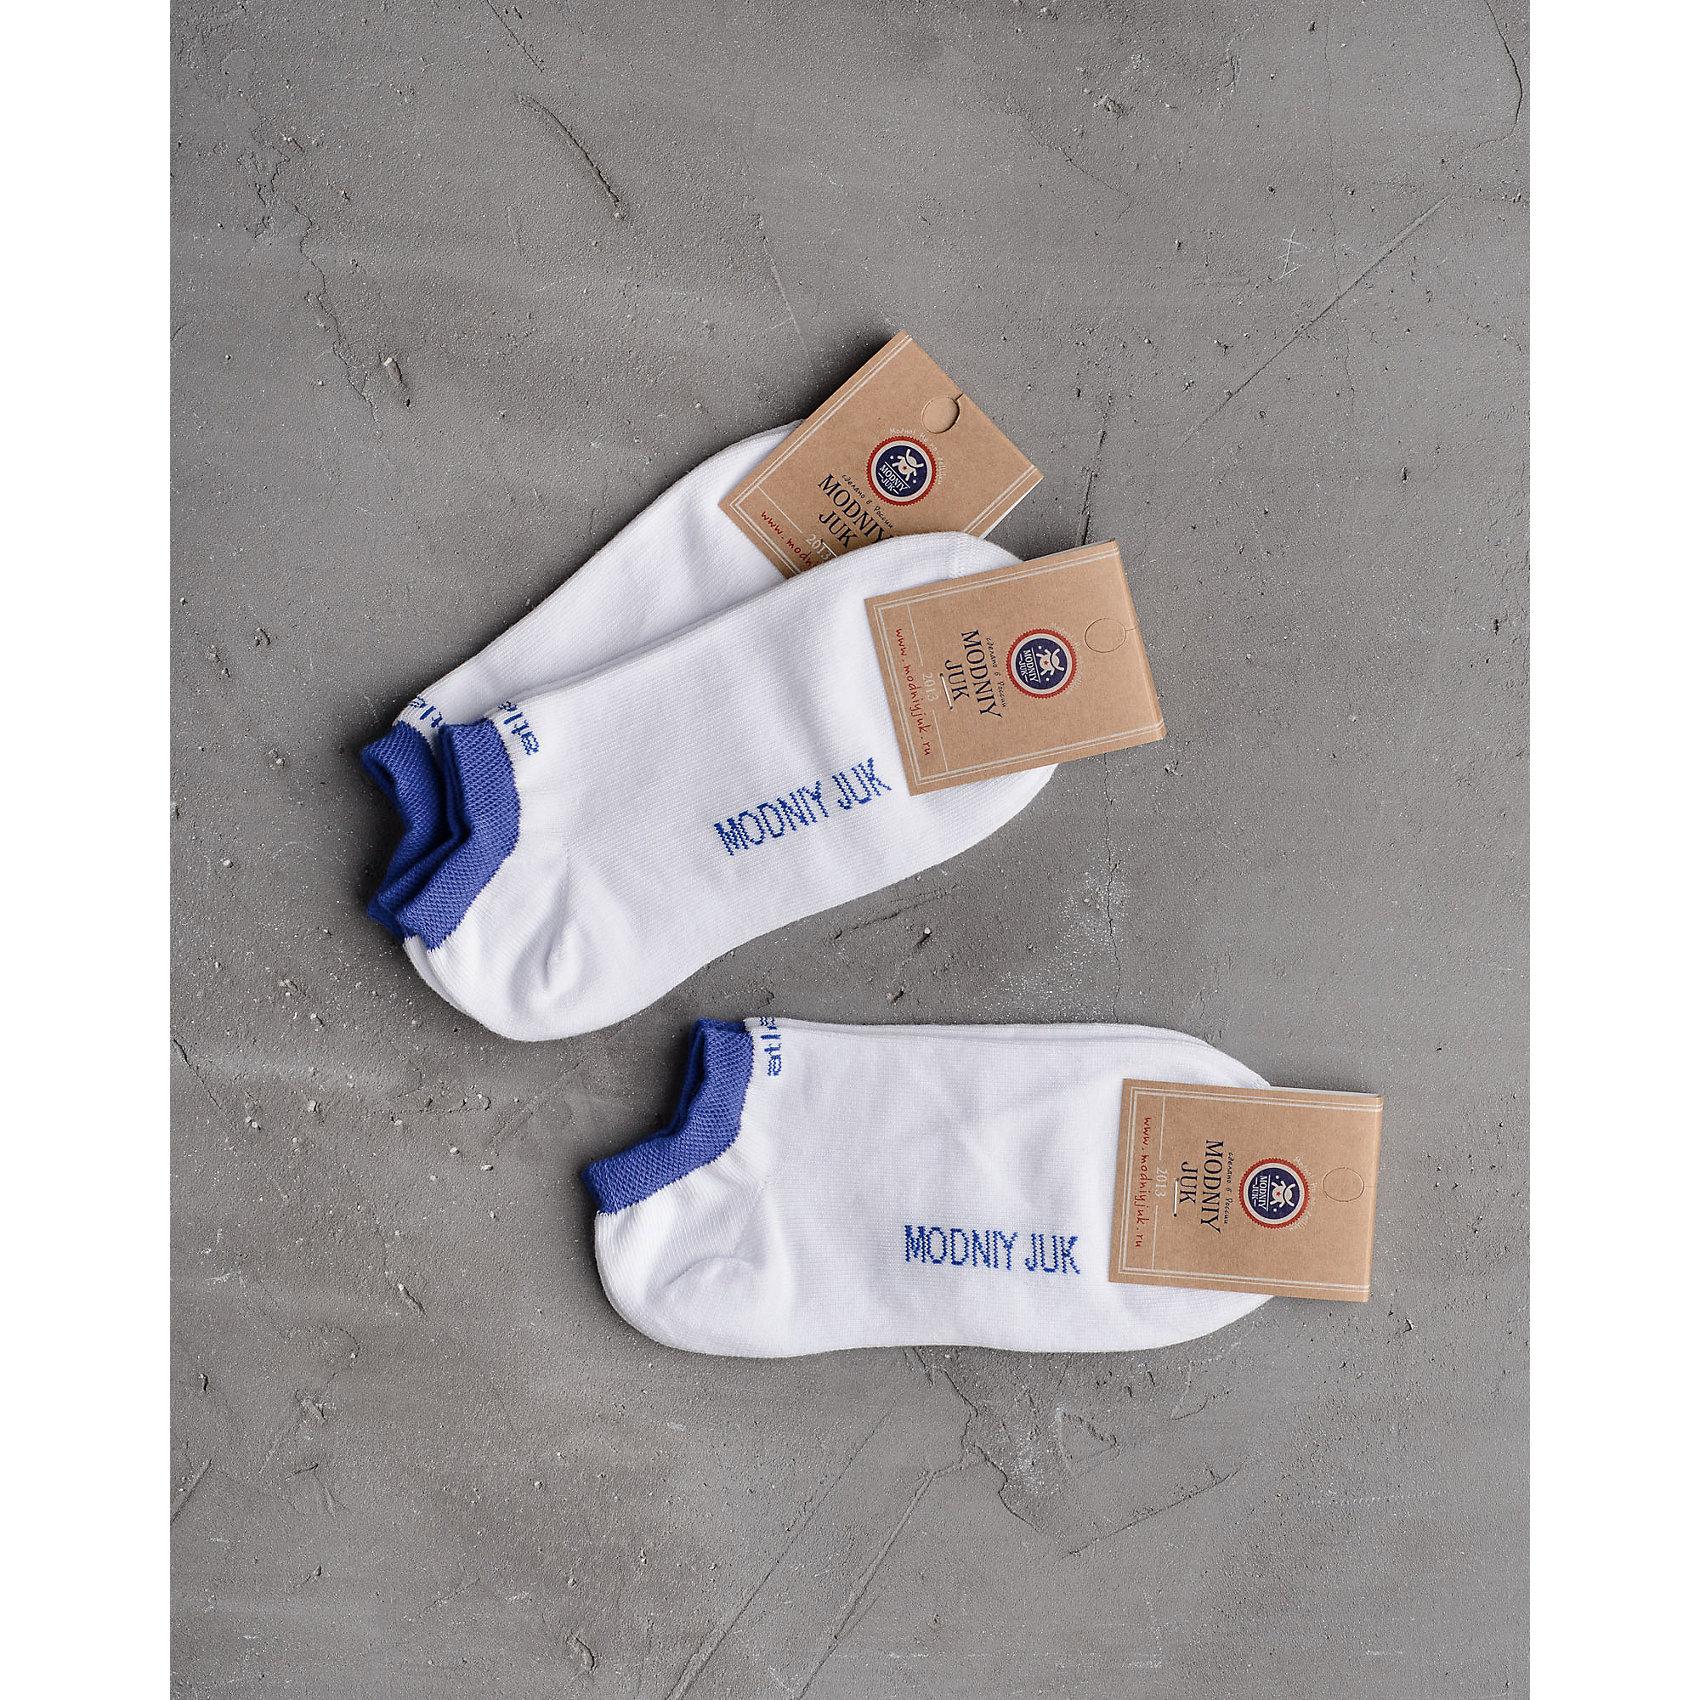 Носки ( 3 пары) для мальчика Modniy JukНоски<br>Прекрасный комплект из 3х носок, Приятны на ощупь. Отлично  облегают ногу. Усиленный мысок и пятка..<br>Состав:<br>88% хлопок, 10% полиамид, 2% эластан<br><br>Ширина мм: 87<br>Глубина мм: 10<br>Высота мм: 105<br>Вес г: 115<br>Цвет: белый<br>Возраст от месяцев: 84<br>Возраст до месяцев: 108<br>Пол: Мужской<br>Возраст: Детский<br>Размер: 23,26<br>SKU: 5613931